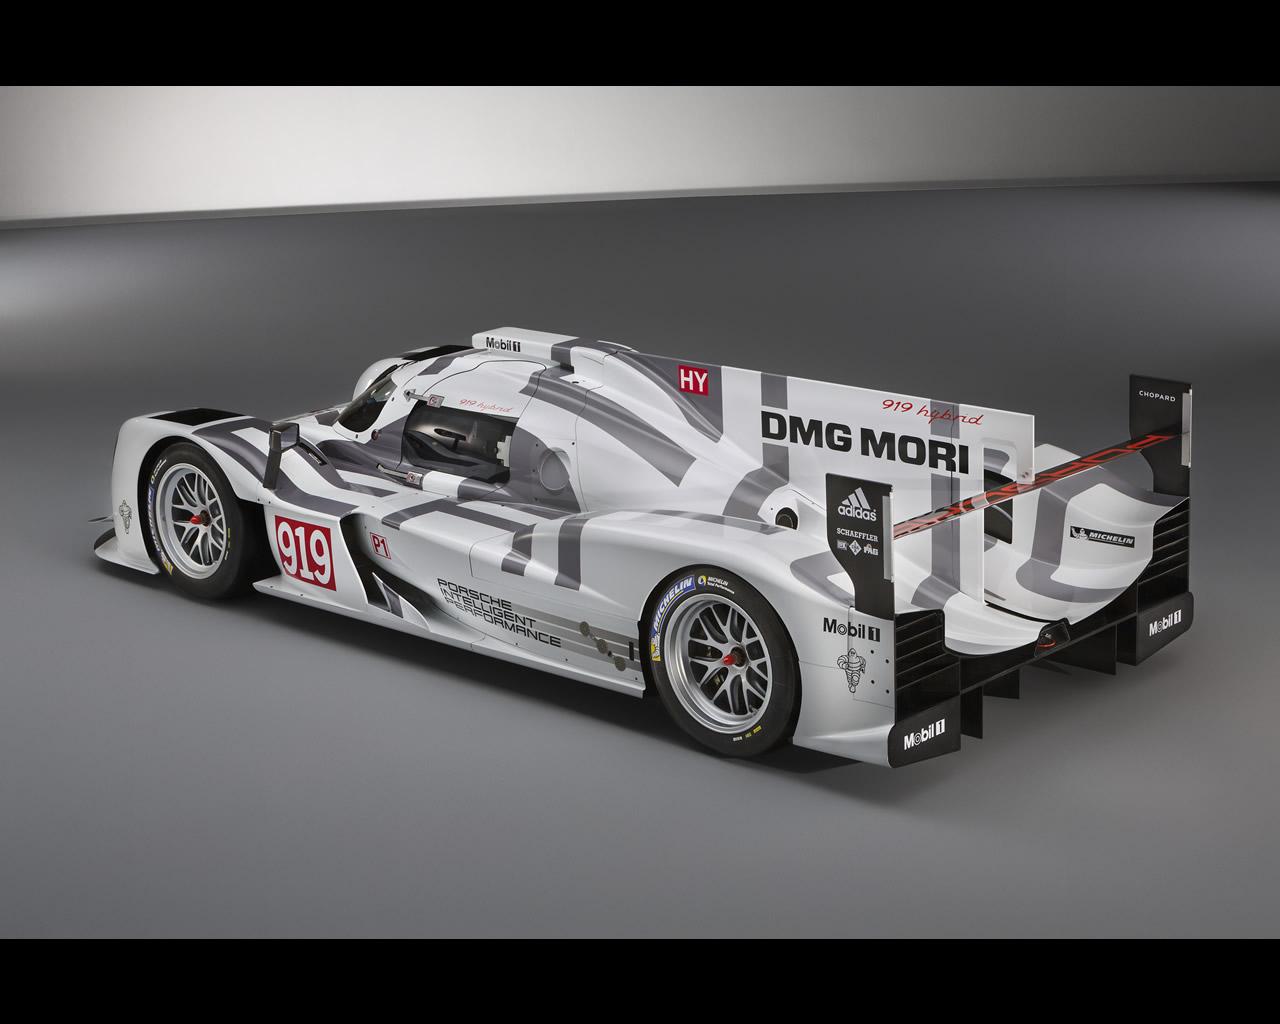 Porsche 919 hybrid lmp1 h wec le mans 2014